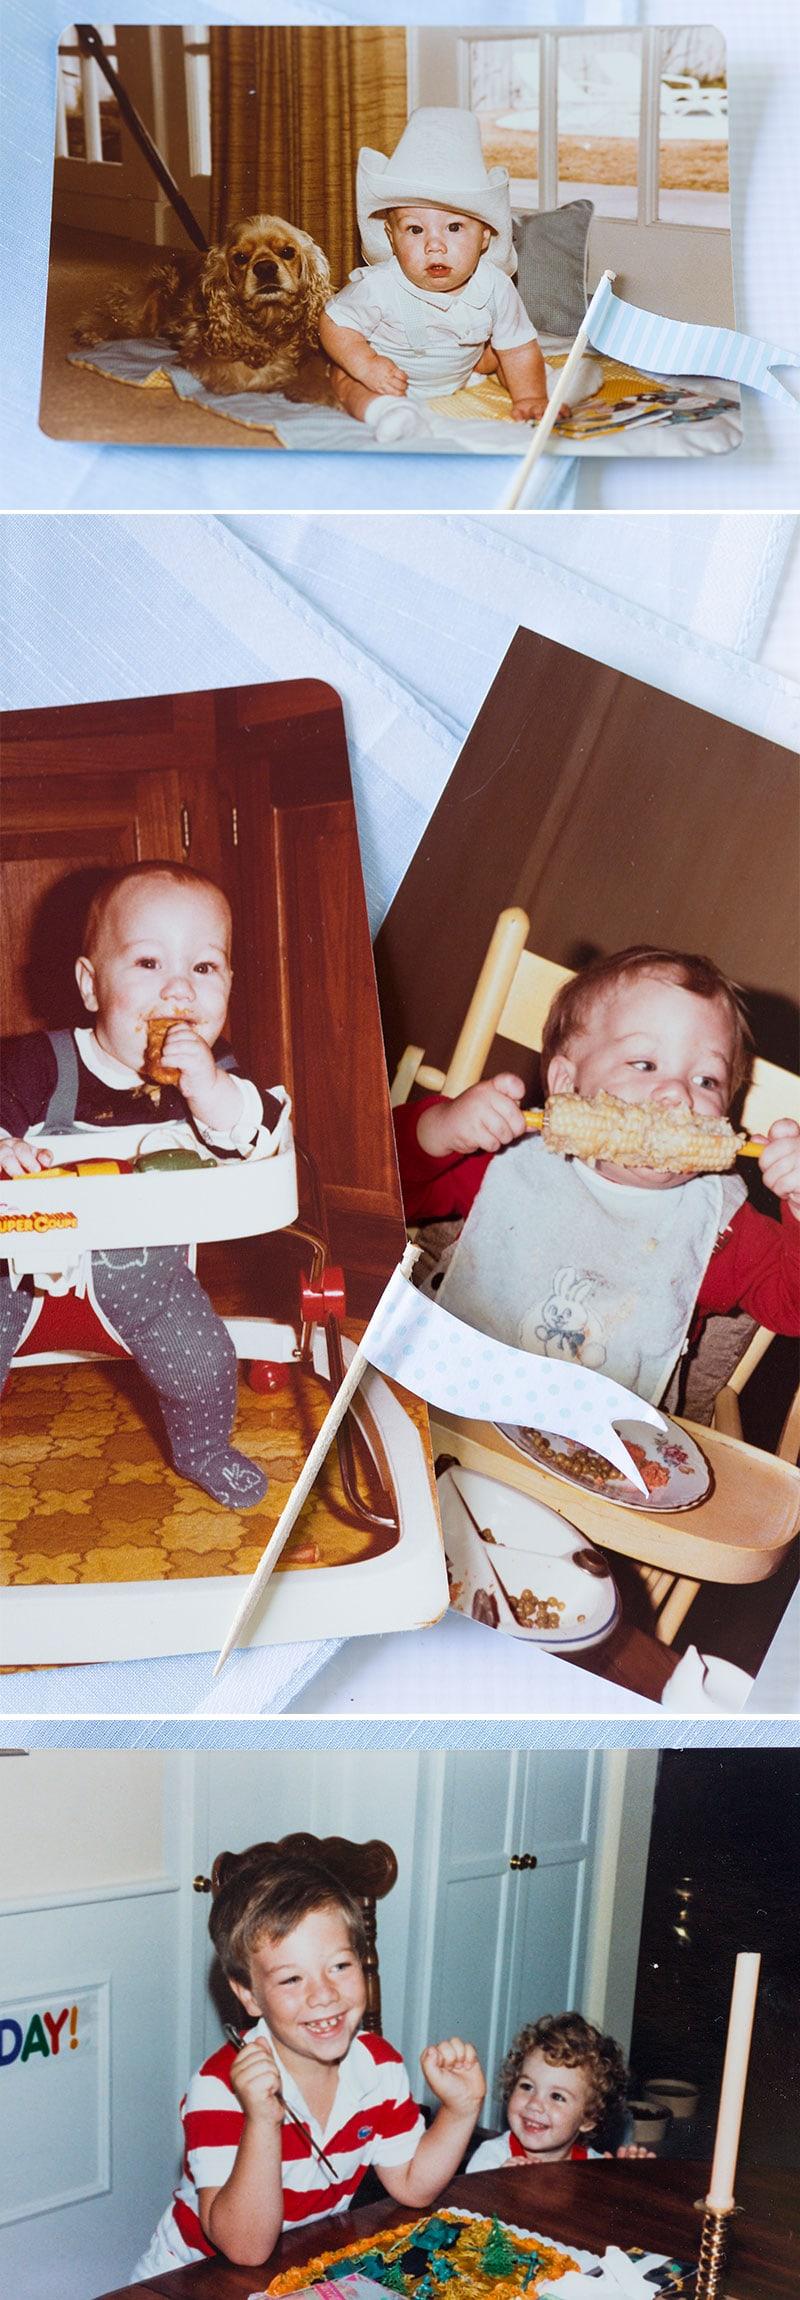 Baby Shower Photos: David Dial of SpicedBlog.com